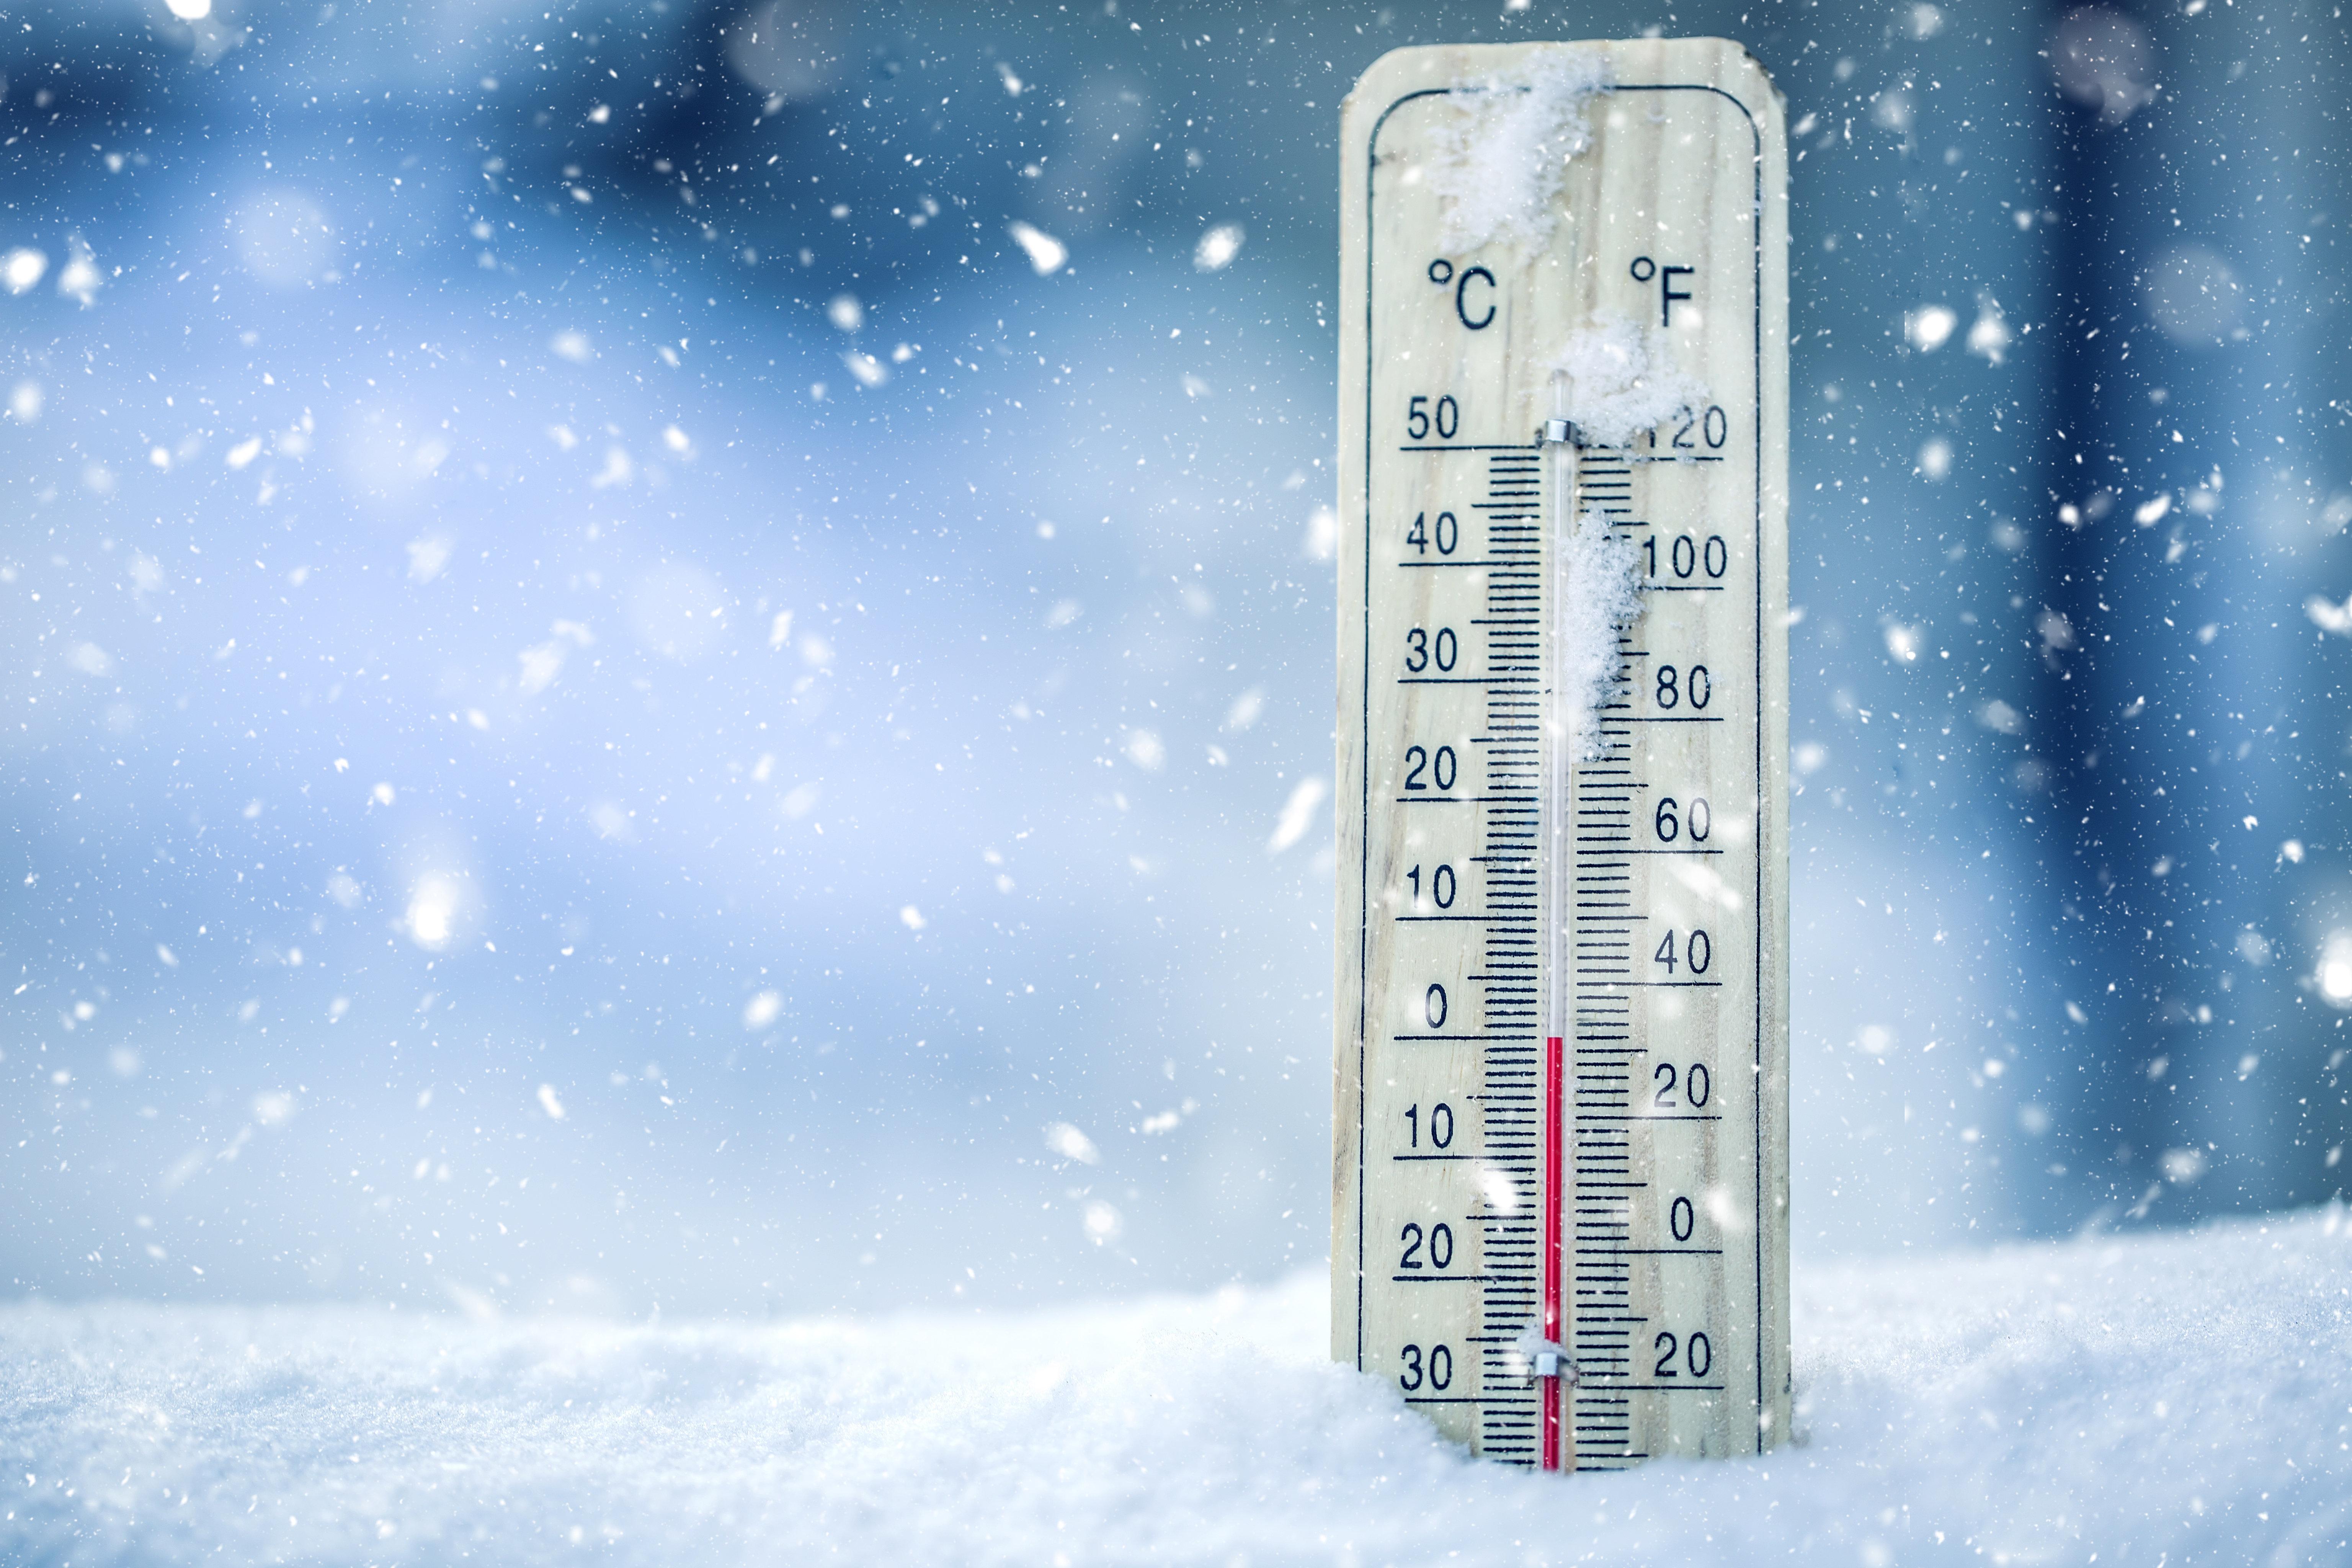 Retour du grand froid: Des températures négatives enregistrées dans 6